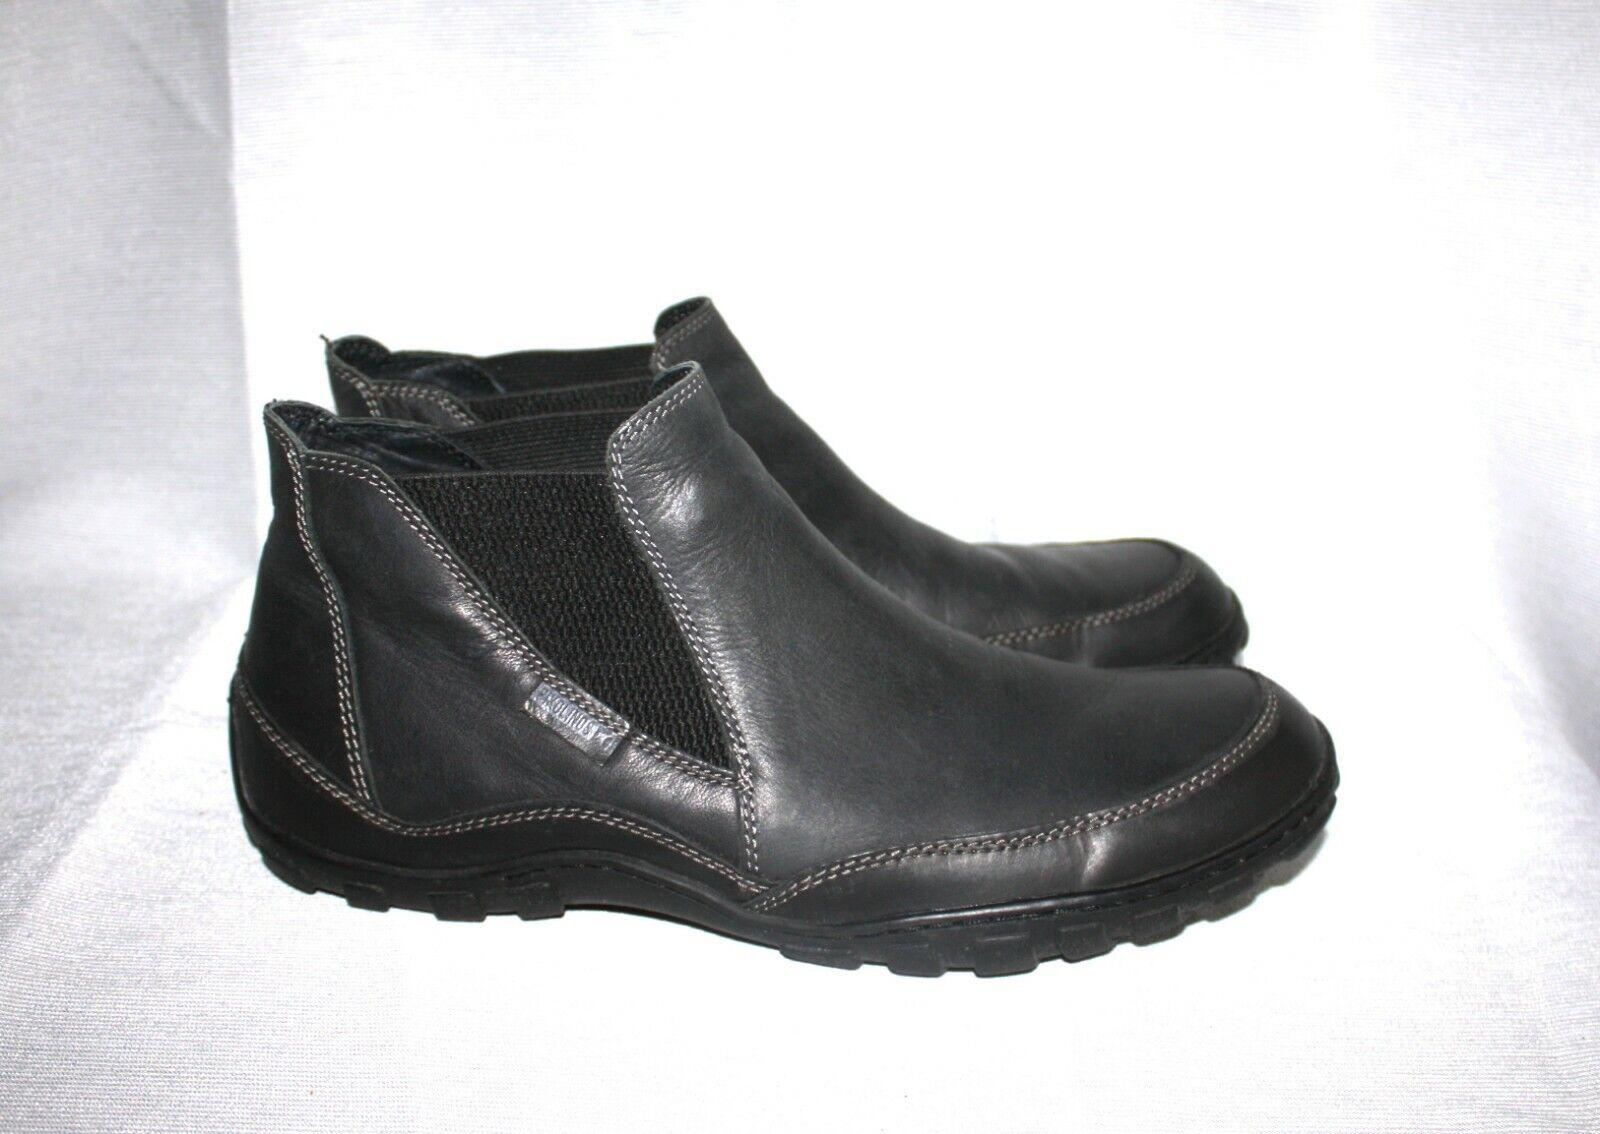 PIKOLINOS Anthracite Noir en Cuir Homme À Enfiler Chaussures bottes SZ 44 10.5-11